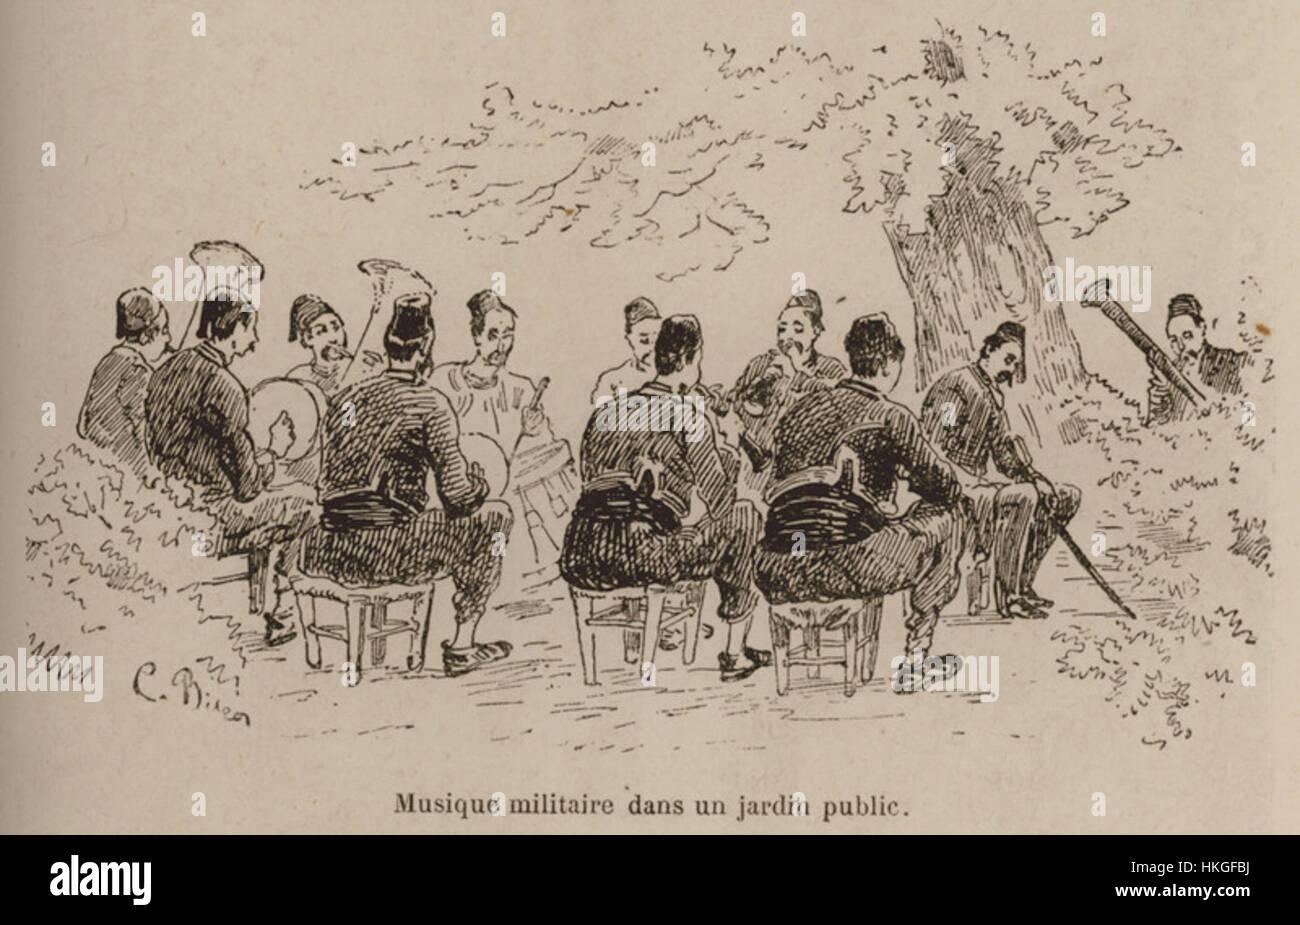 Musique militaire dans un jardin publique   De Amicis Edmondo   1883 - Stock Image